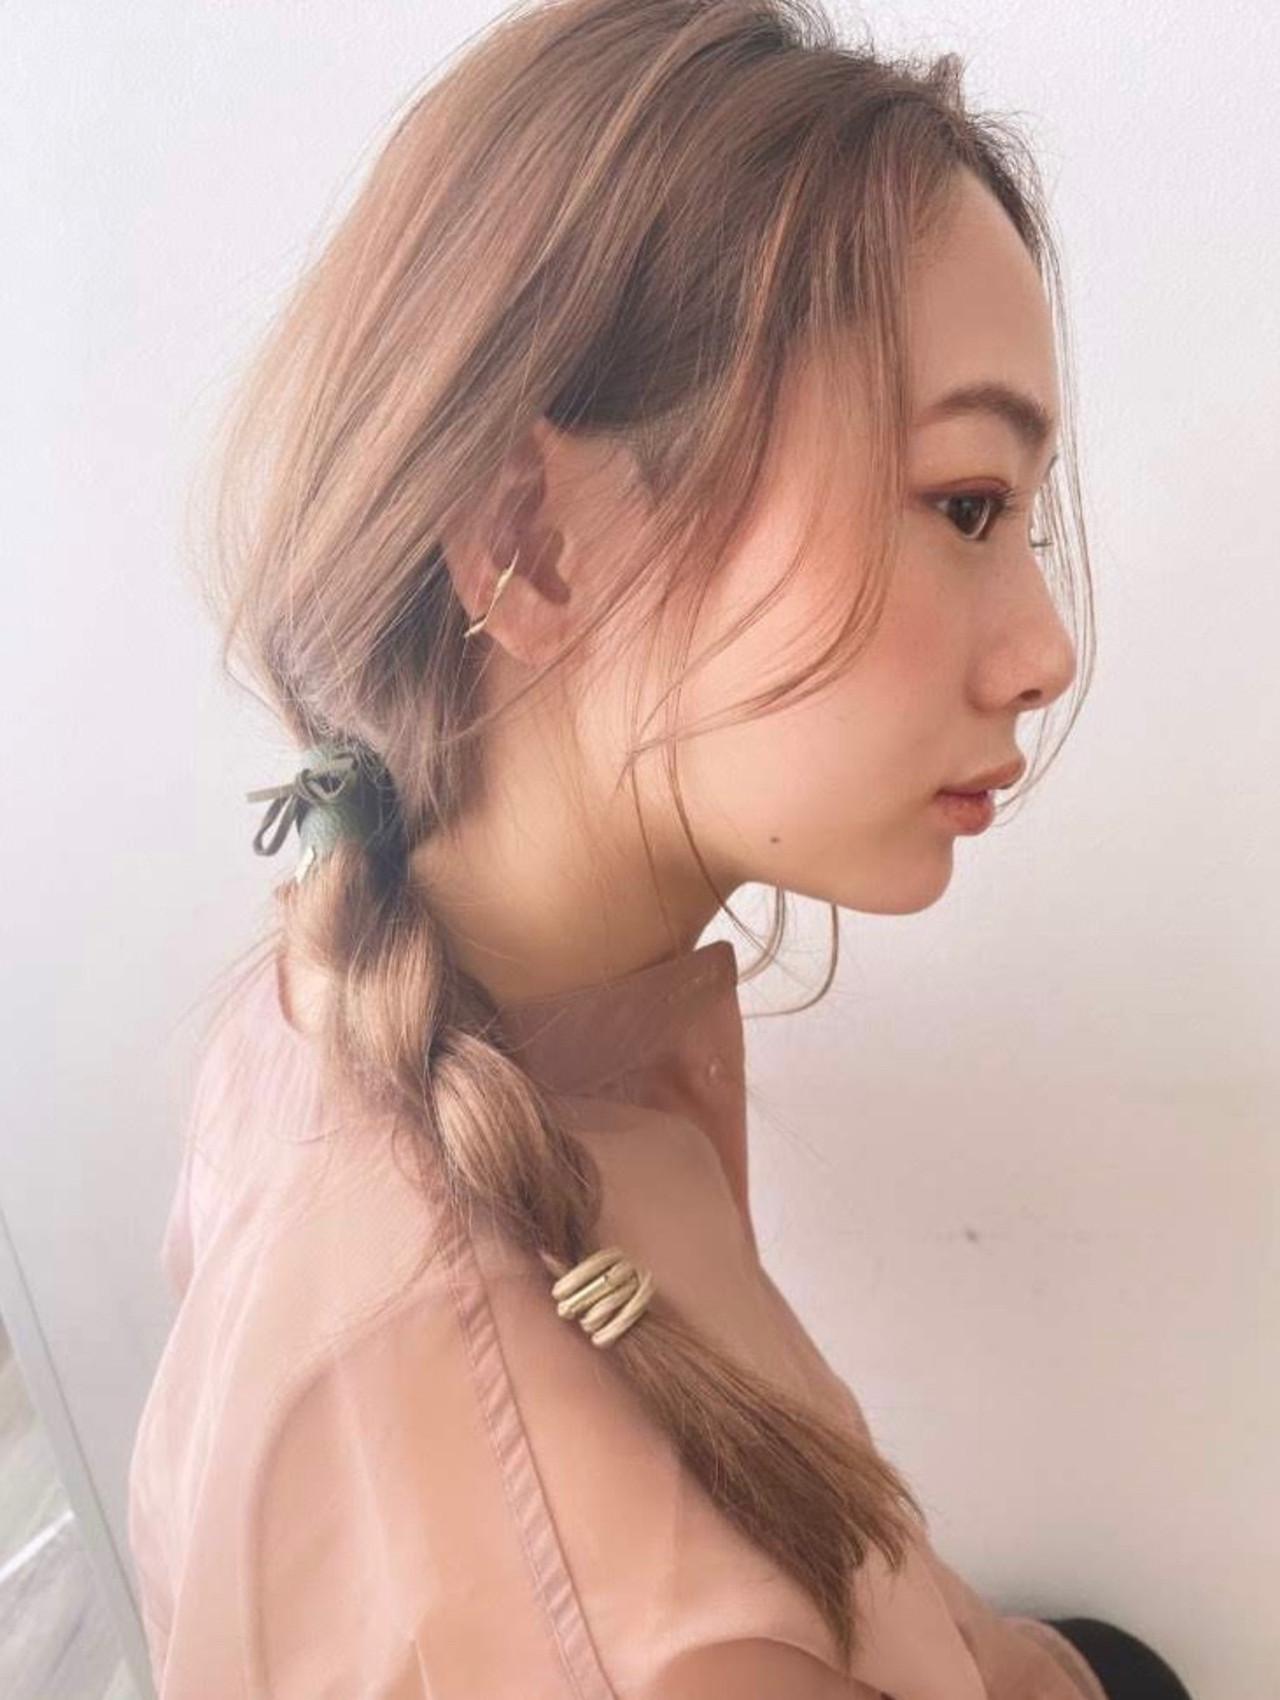 ハイトーンカラー セルフヘアアレンジ ロング ナチュラル ヘアスタイルや髪型の写真・画像